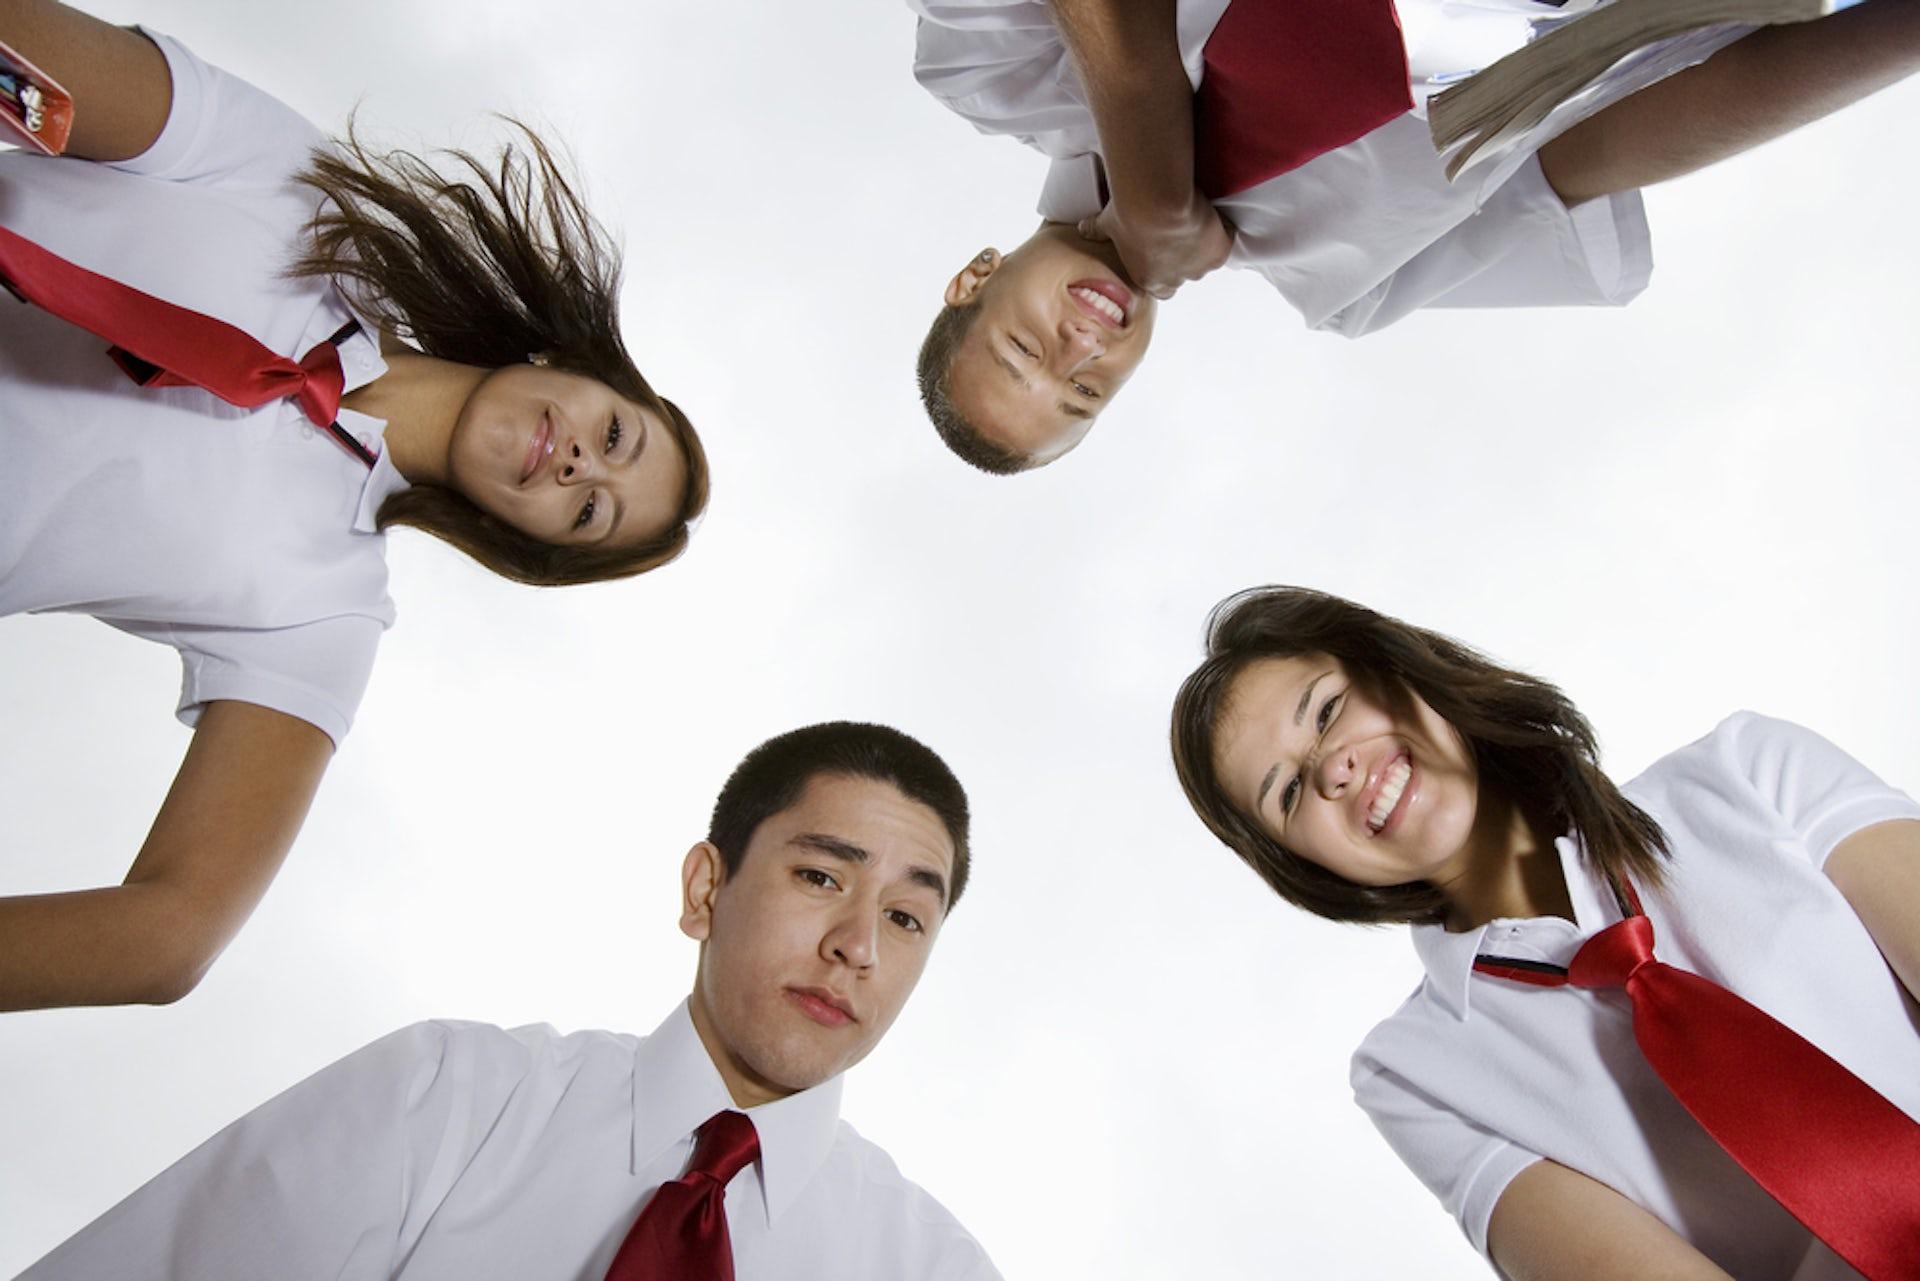 Collège adolescent sexe clipsfemmes faisant oral